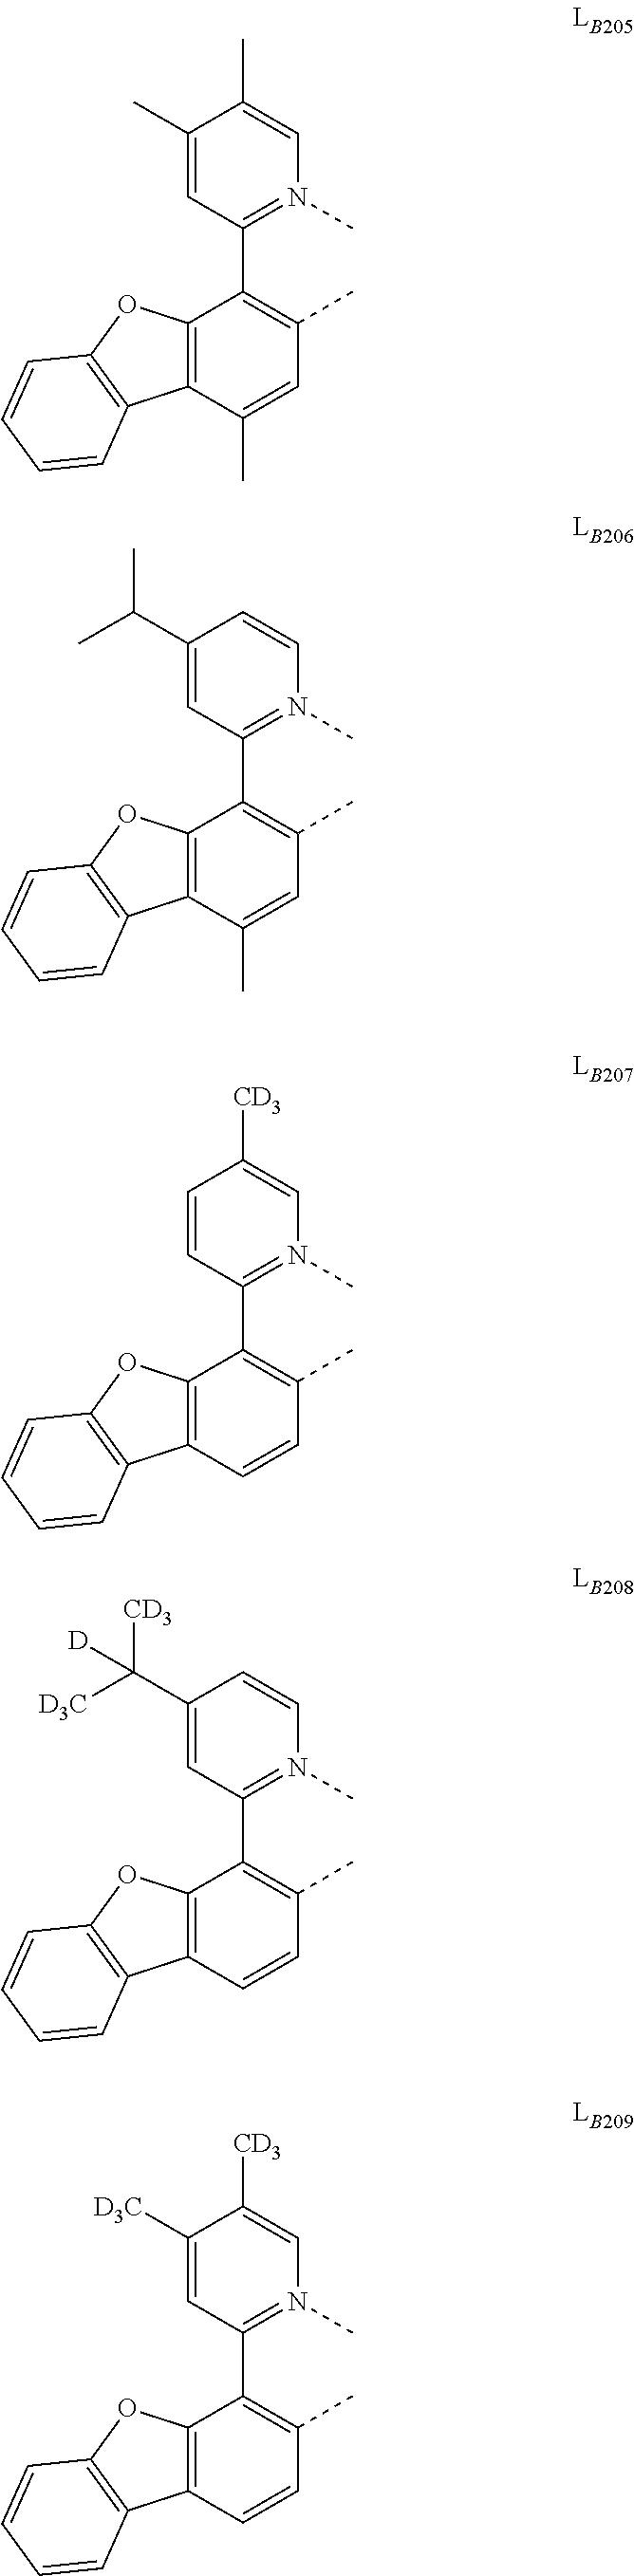 Figure US20180130962A1-20180510-C00301